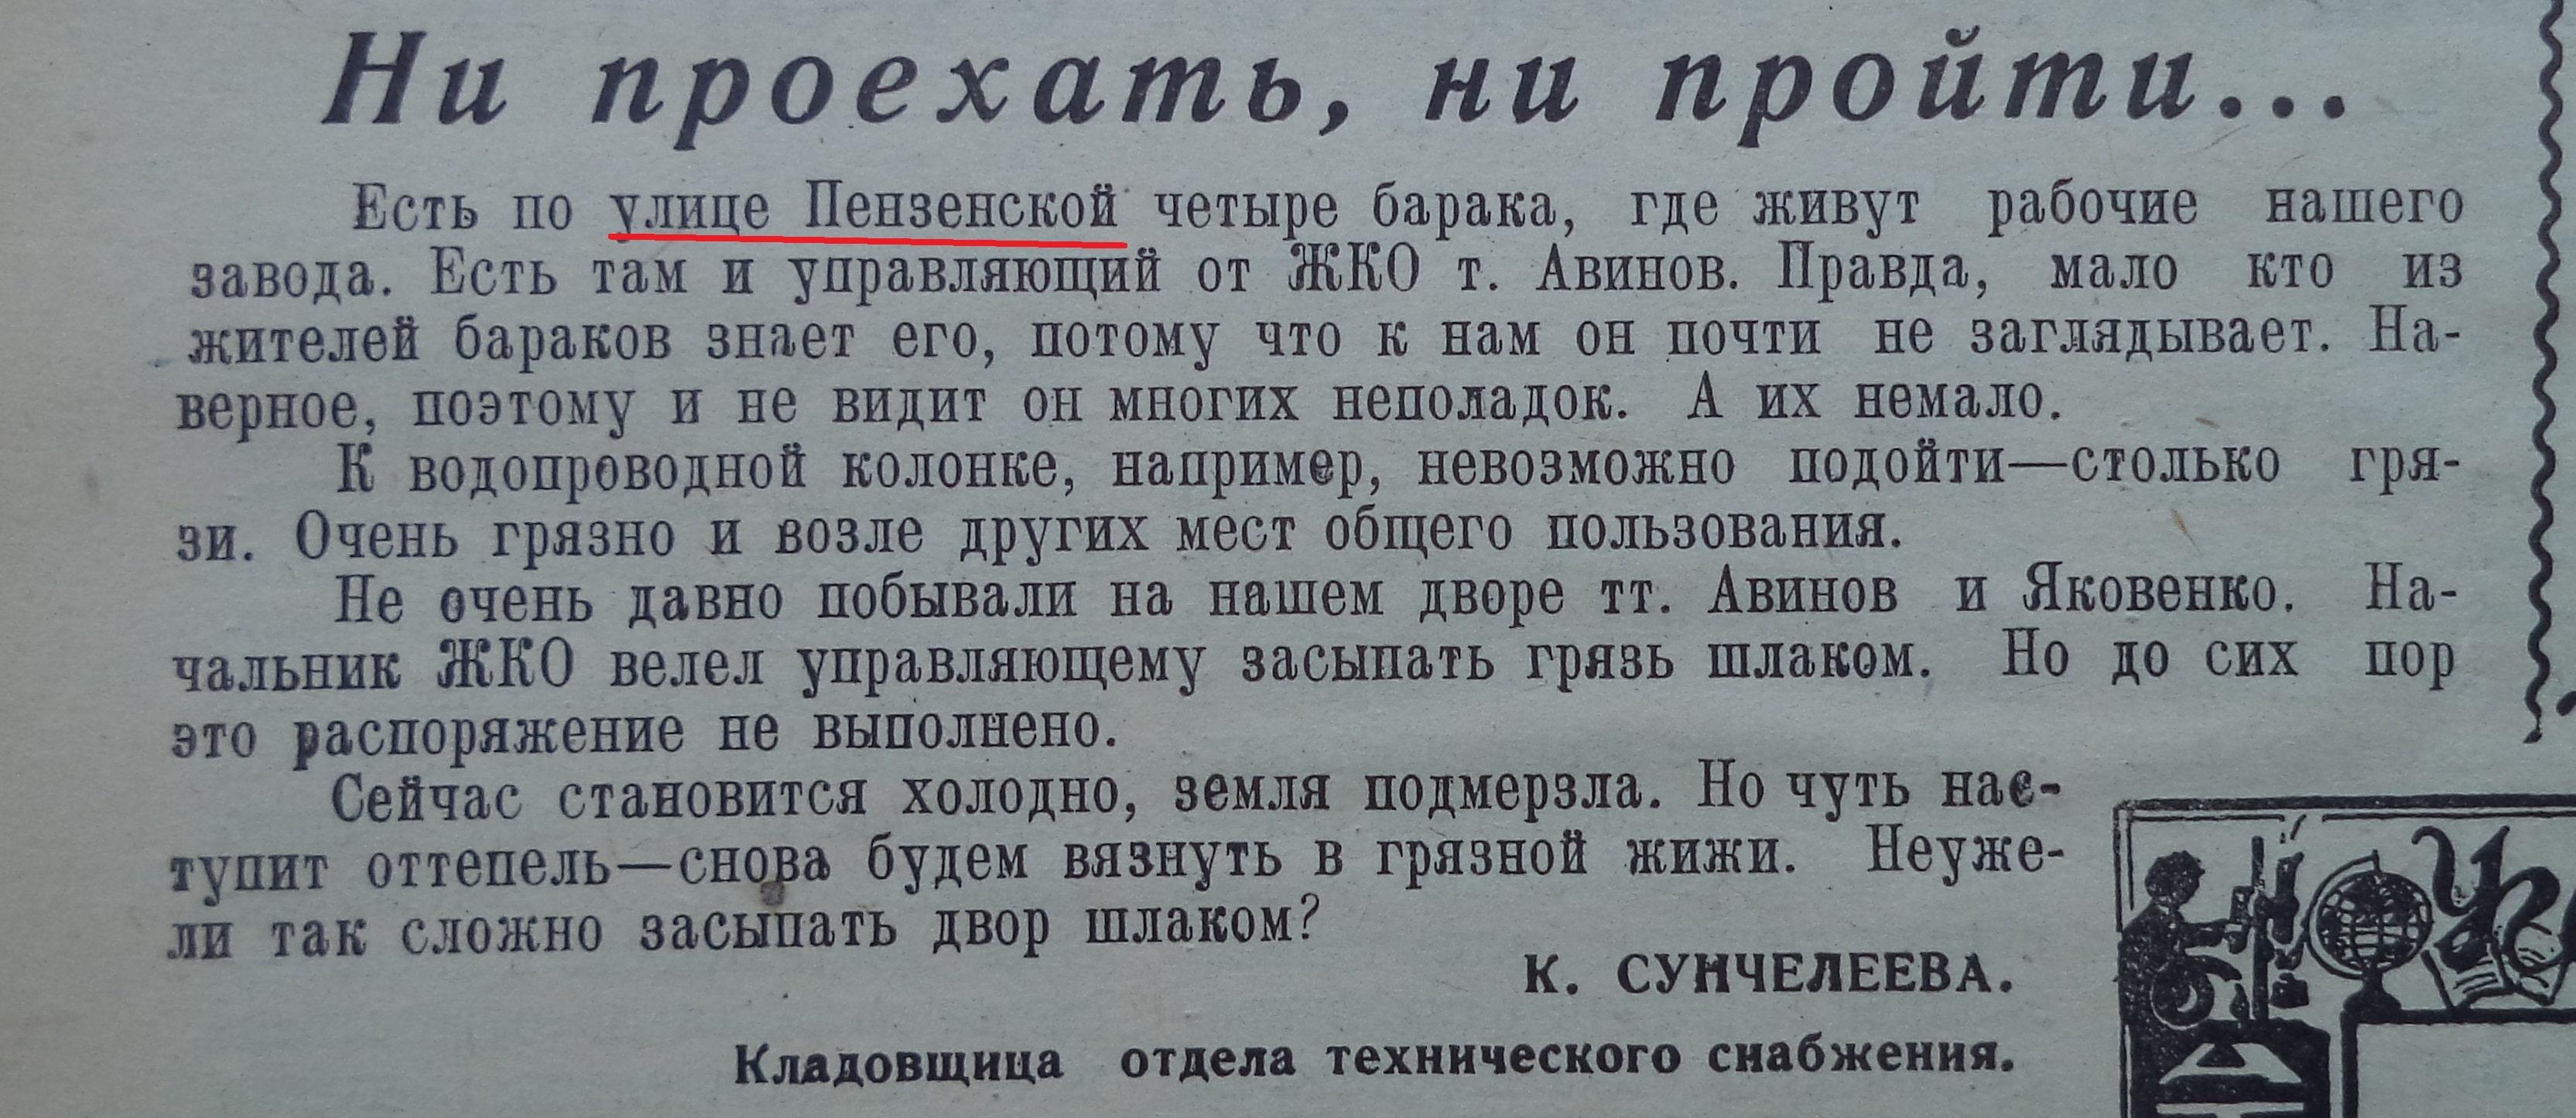 Пензенская-ФОТО-08-Красное Знамя-1963-13 ноября